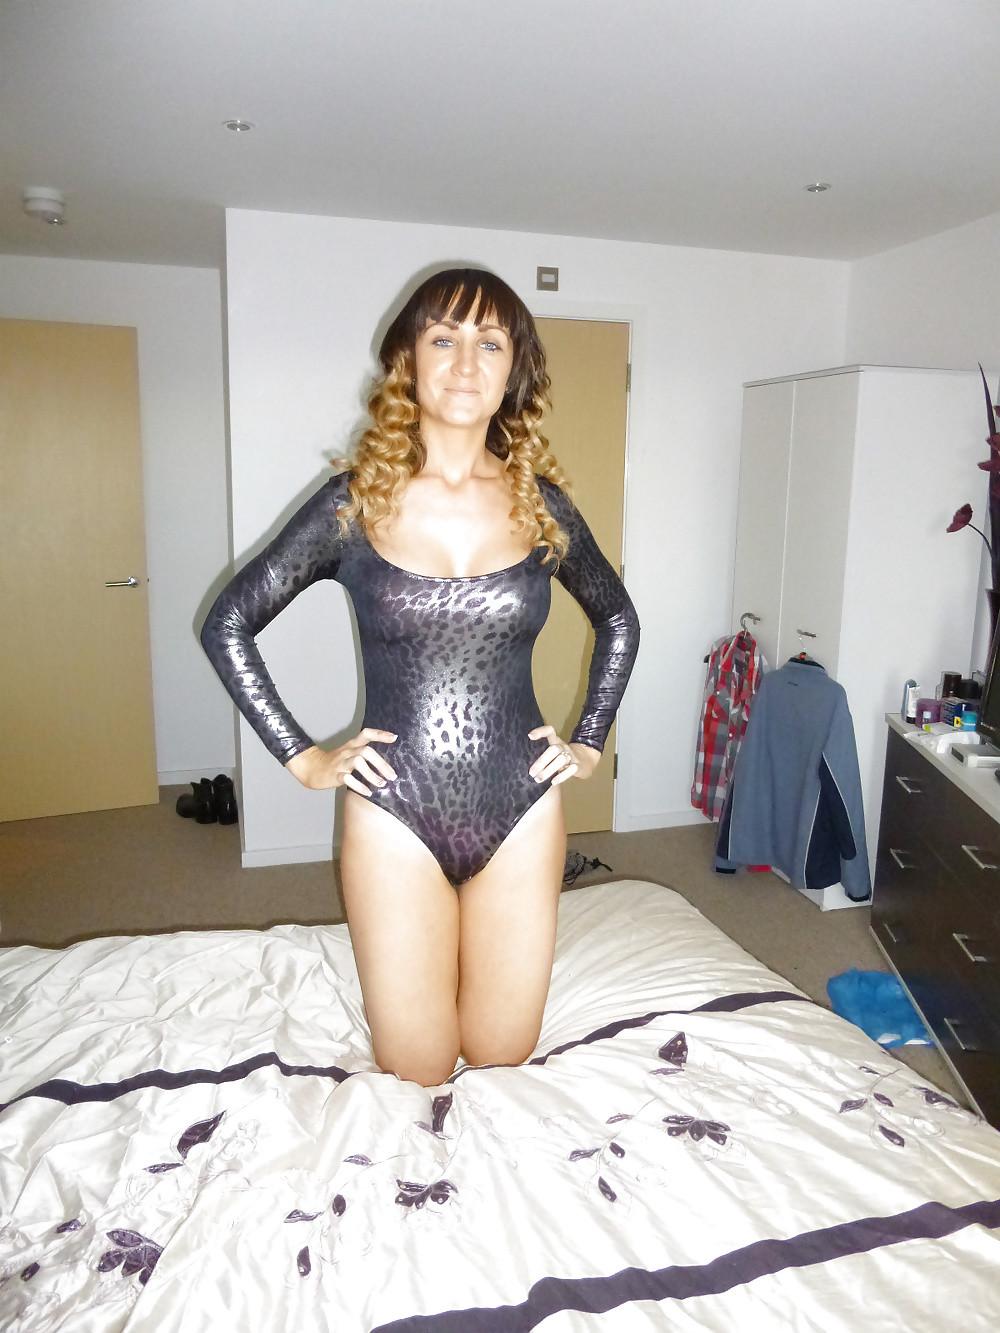 Трейси лежит в постели в разных сексуальных нарядах